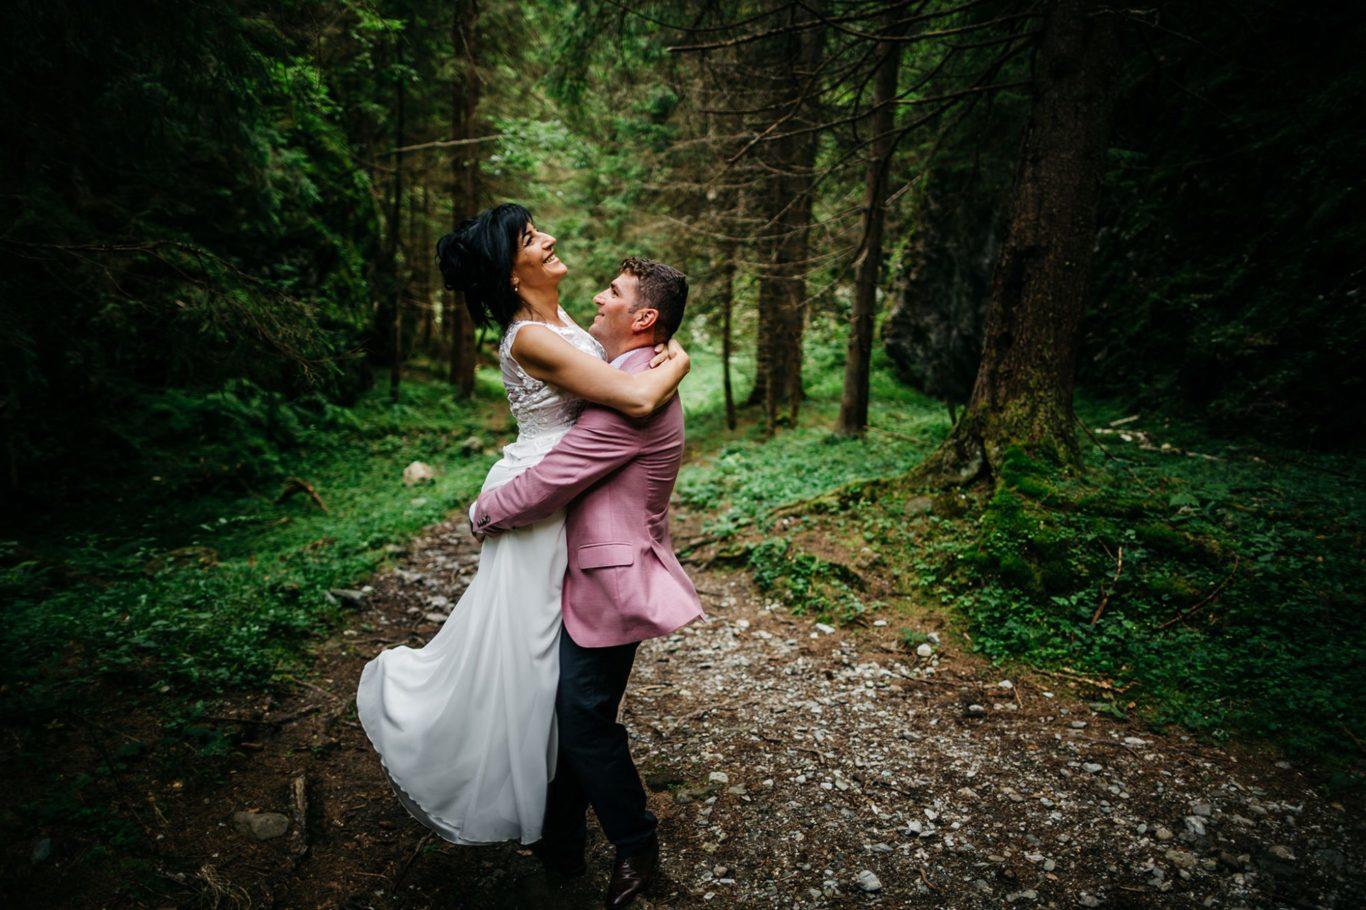 Sesiune foto dupa nunta - Vero & Dani - Valea Scorota